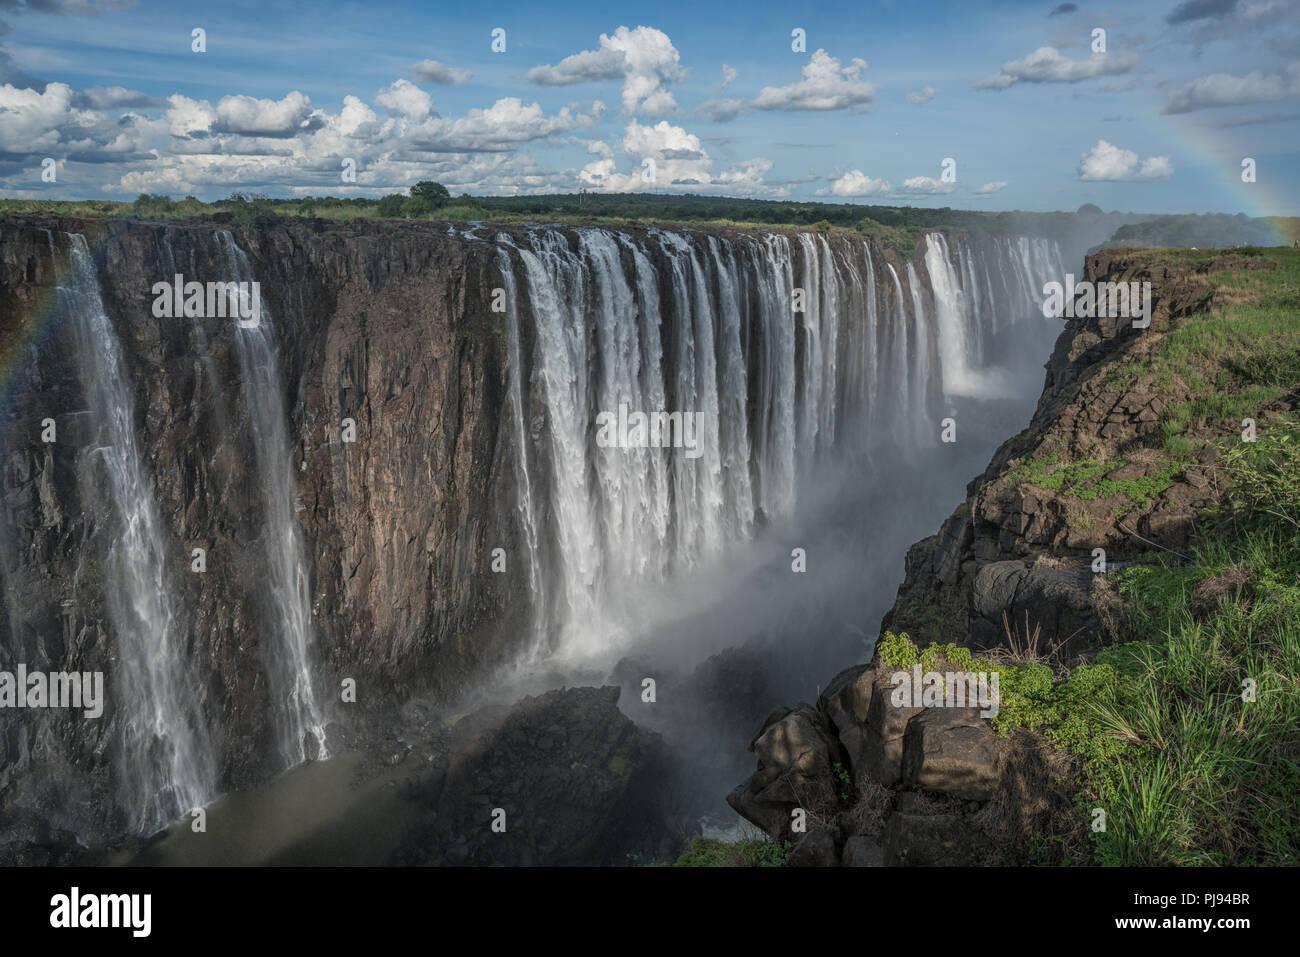 Die endlosen fällt, Victoria Falls, Simbabwe Stockfoto